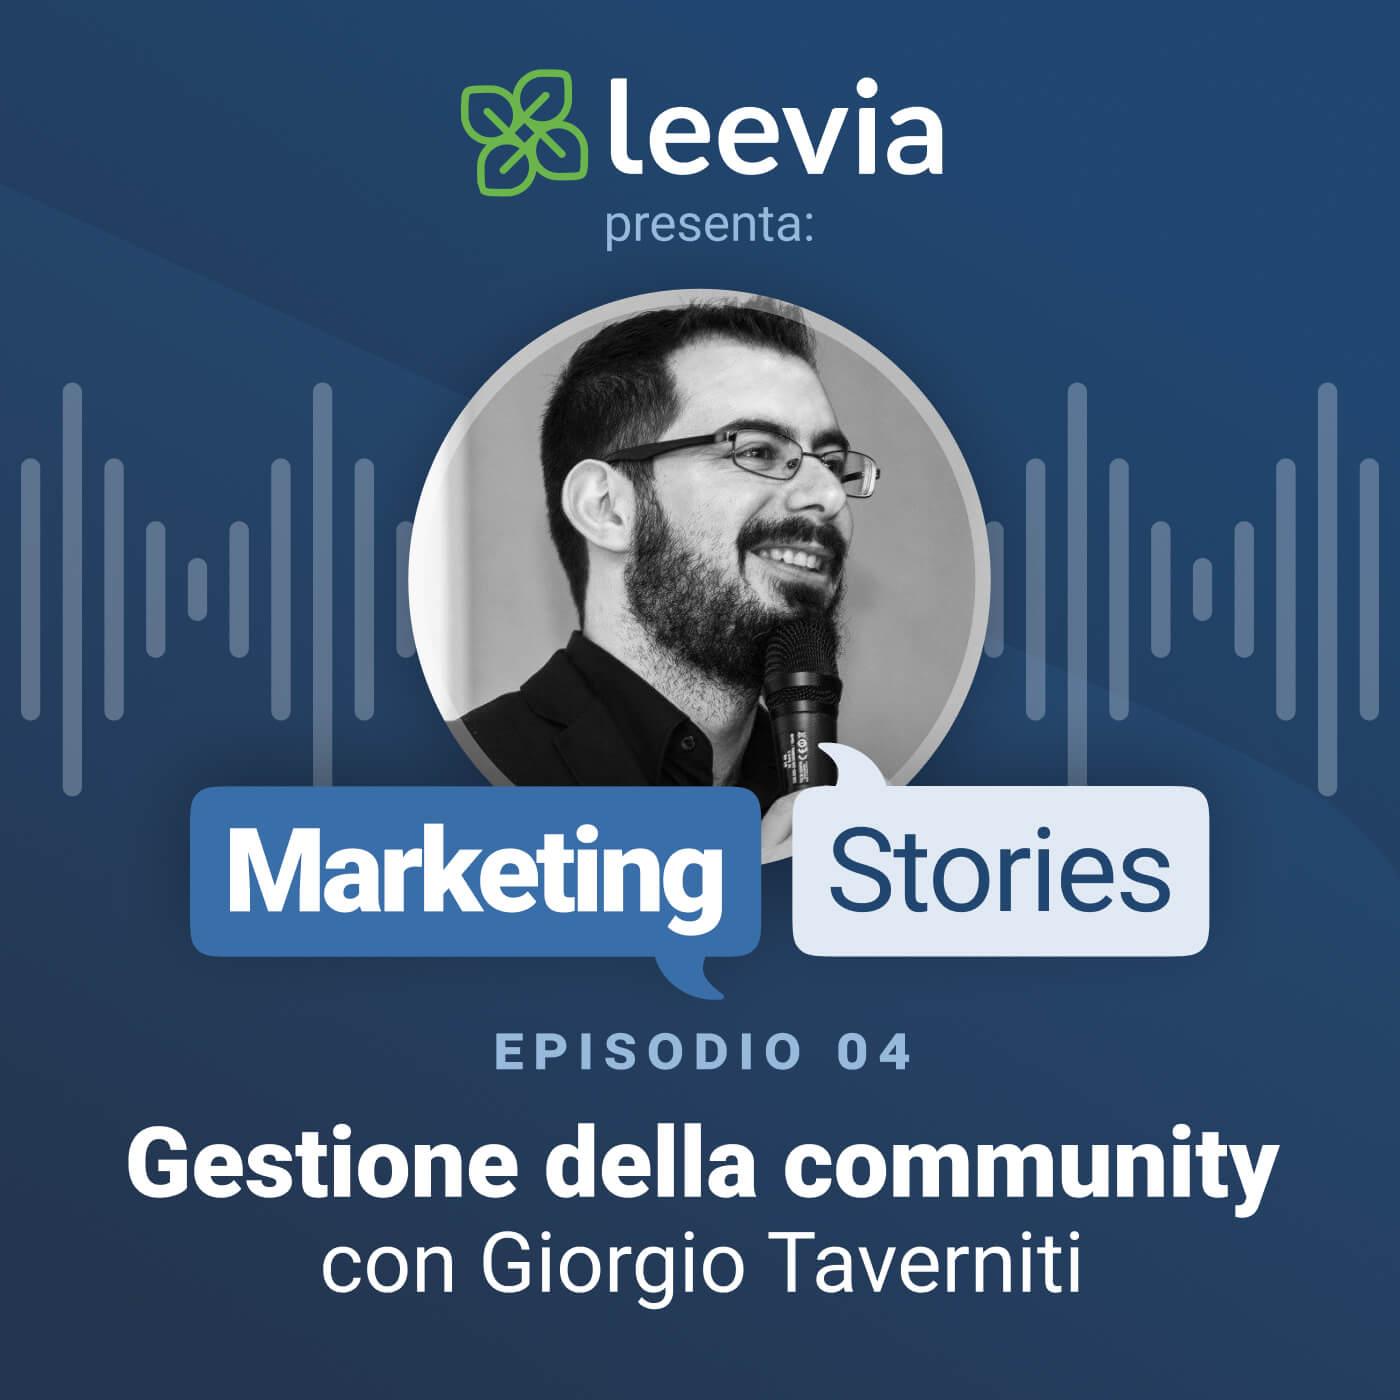 Gestione della community con Giorgio Taverniti - Leevia Marketing Stories